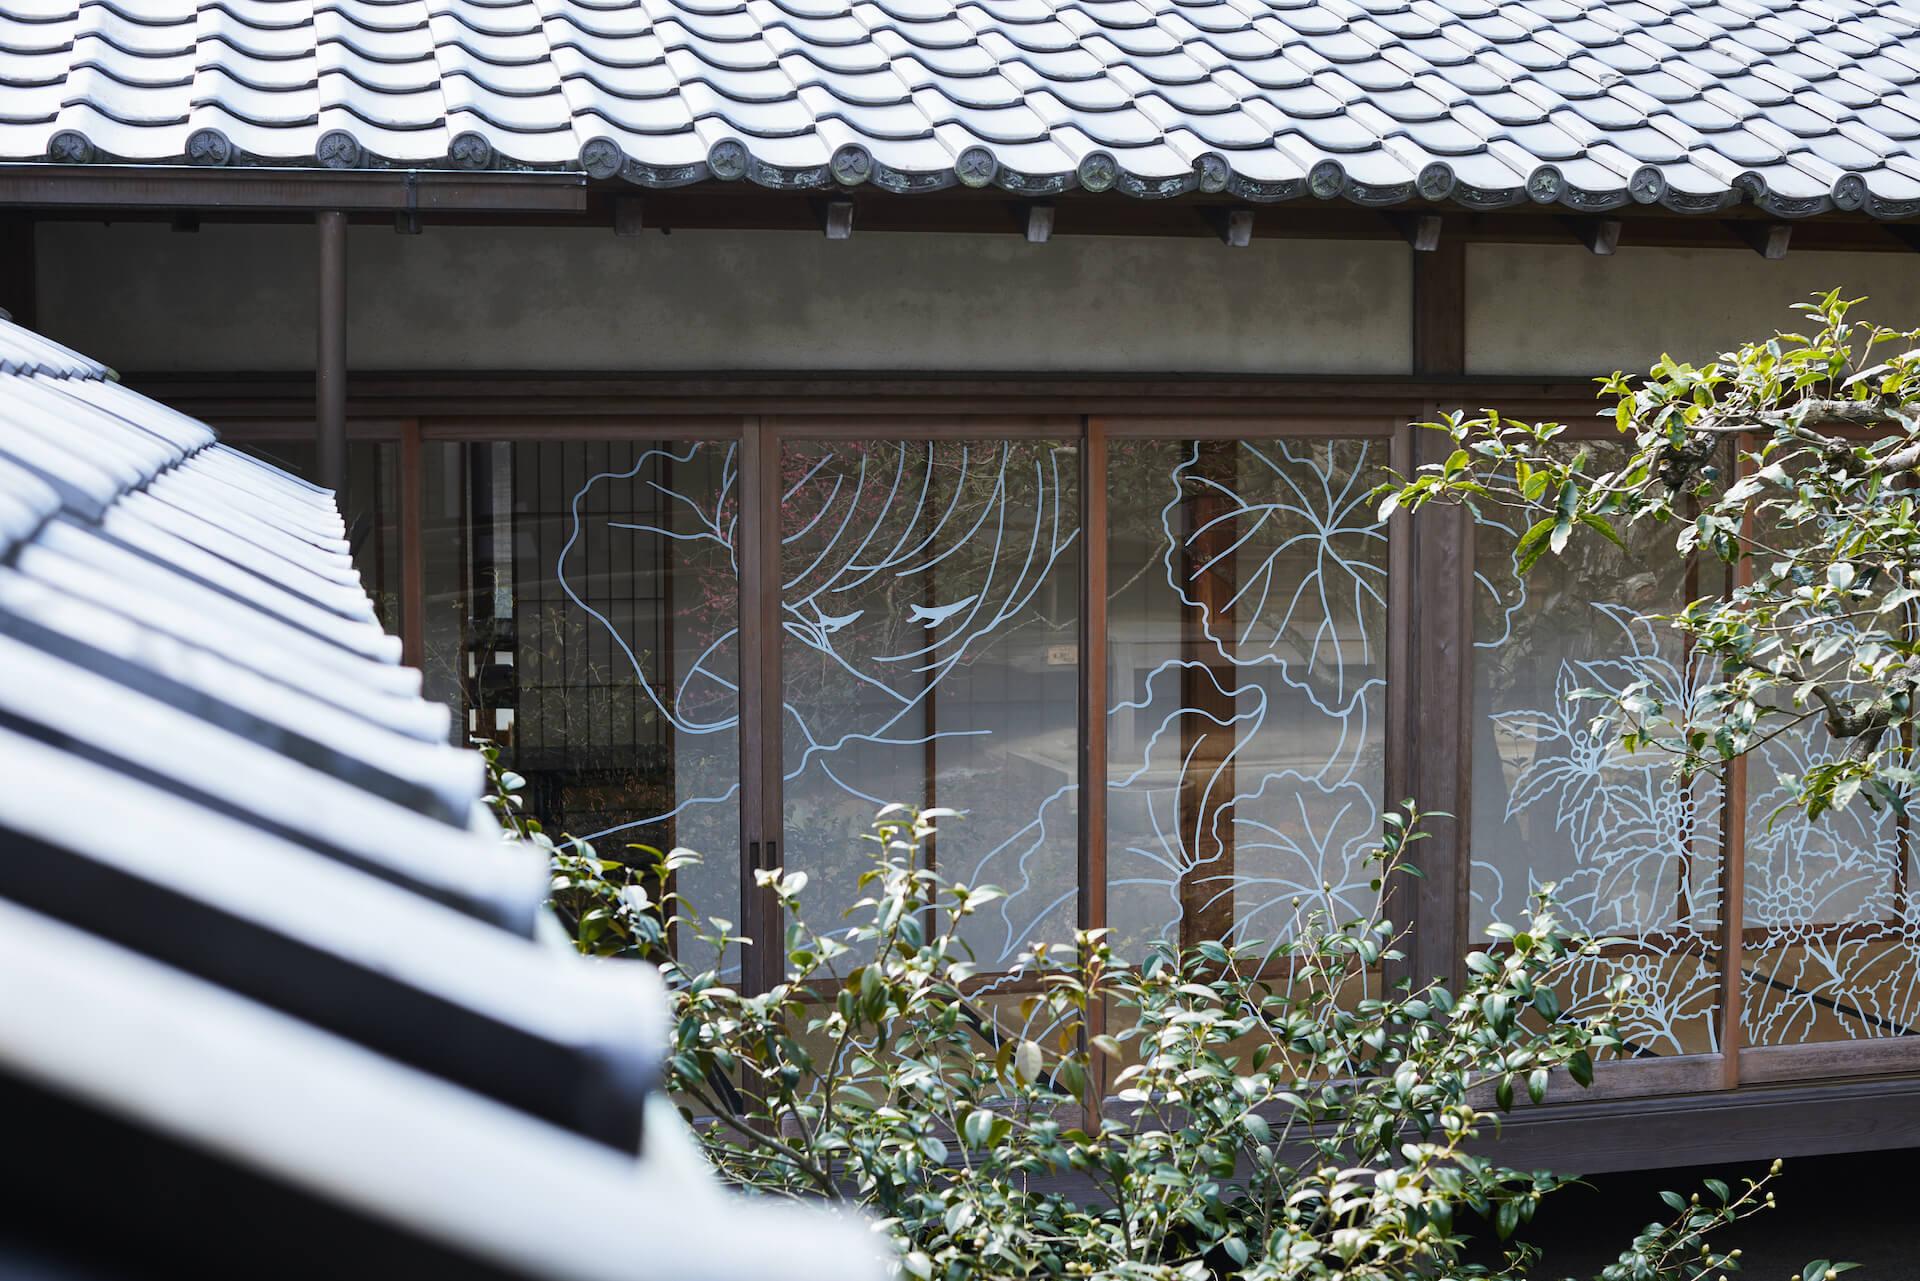 バーチャルを駆使した仮想大中寺で禅の世界を体感<MUSO Culture Festival 2021>レポート column210318_muso-02